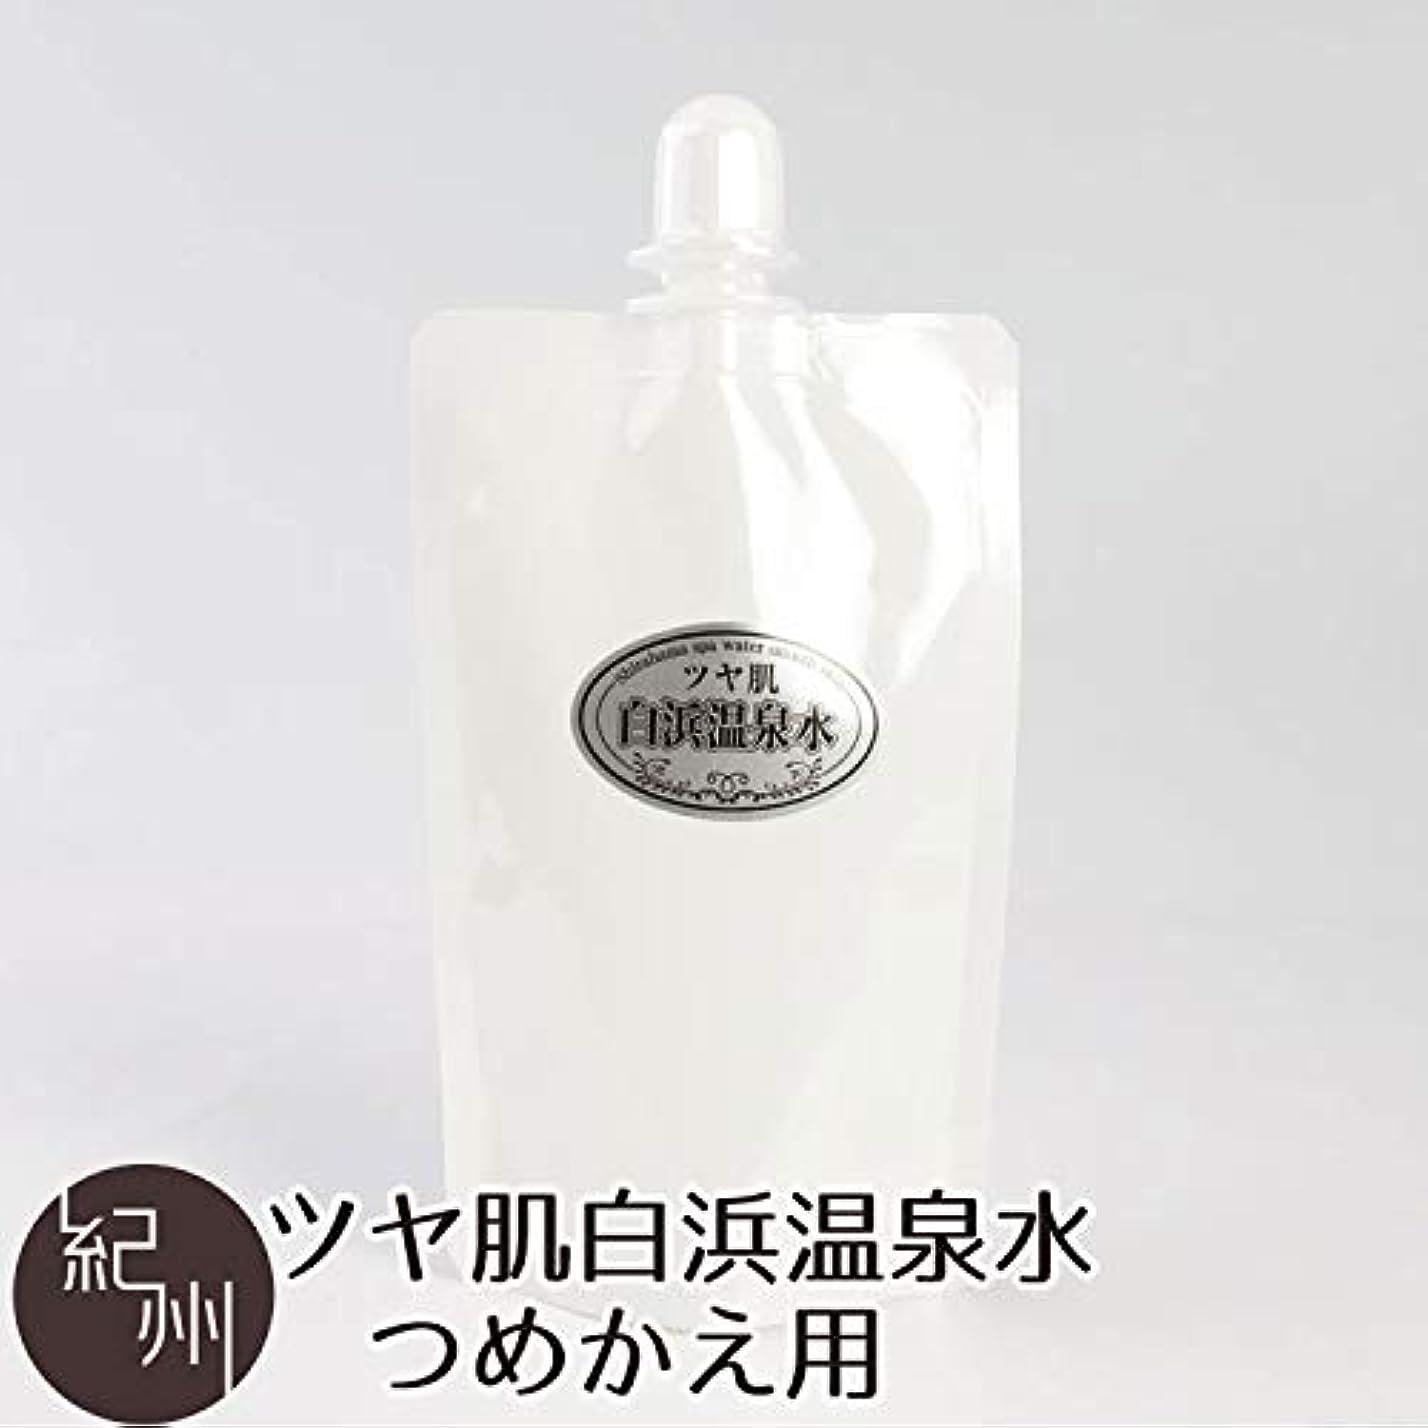 つらいエミュレーション糞しっとりつるつる ツヤ肌 白浜温泉水 つめかえ用 180ml